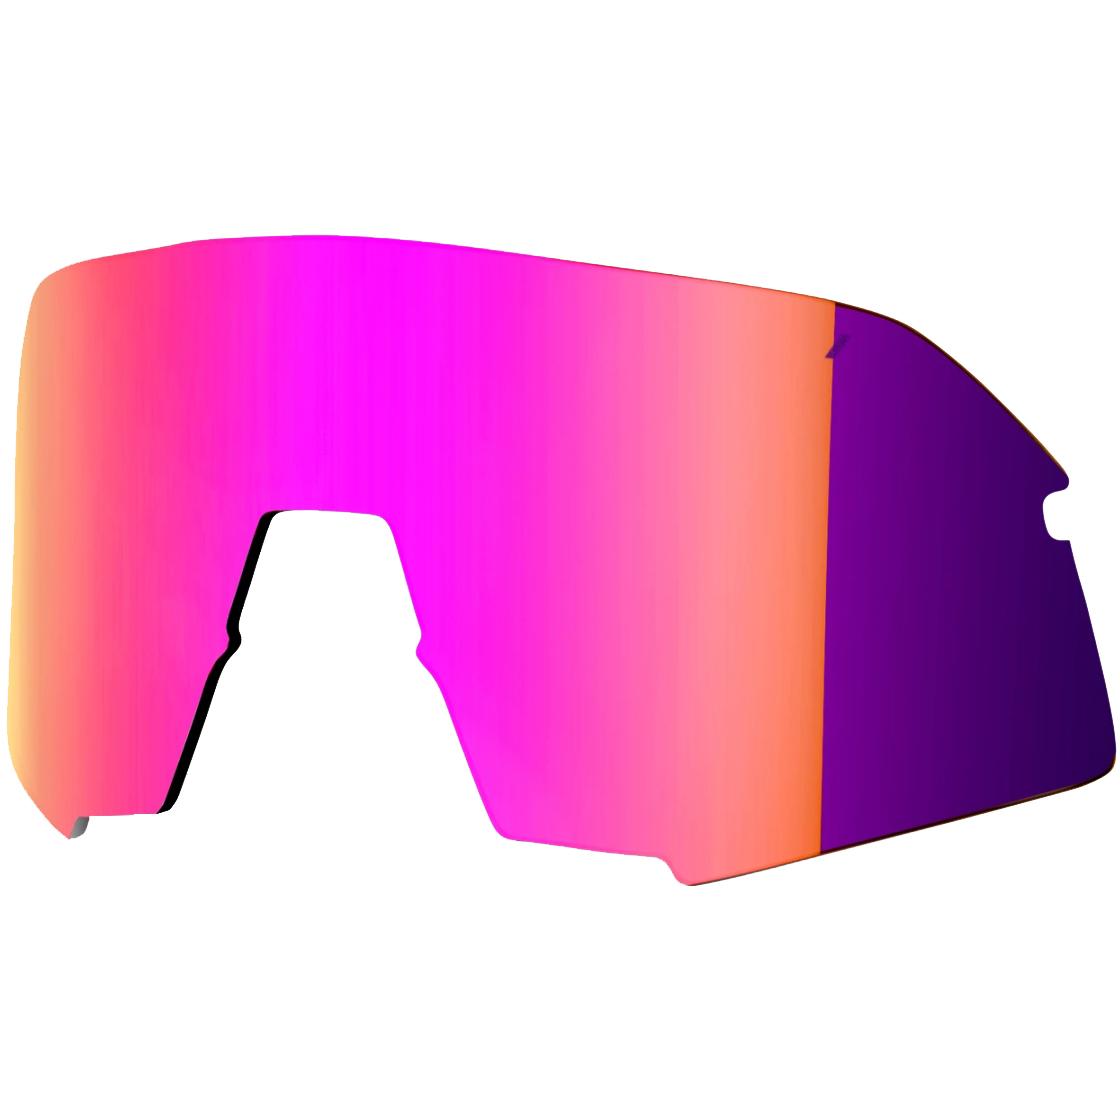 100% S3 Mirror Lente de repuesto - Purple Multilayer Mirror